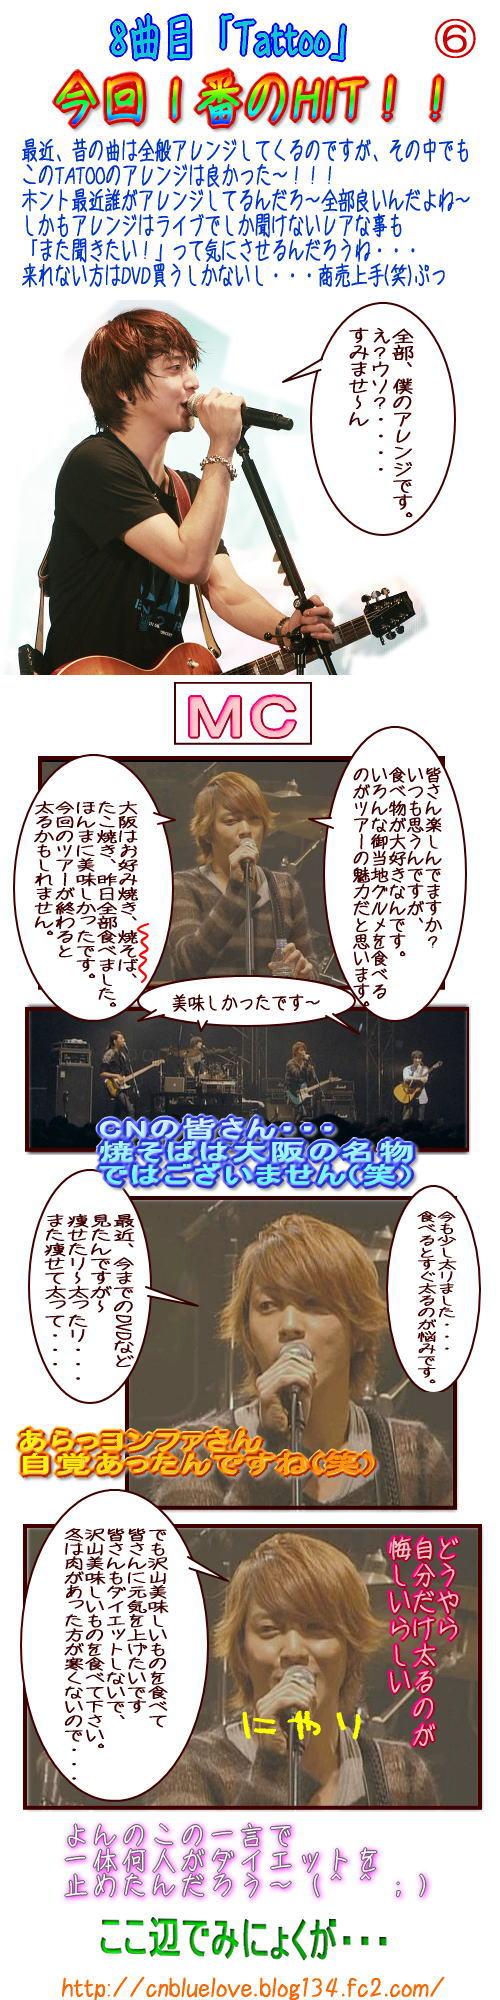 23.12.14Zepp大阪参戦レポ-6